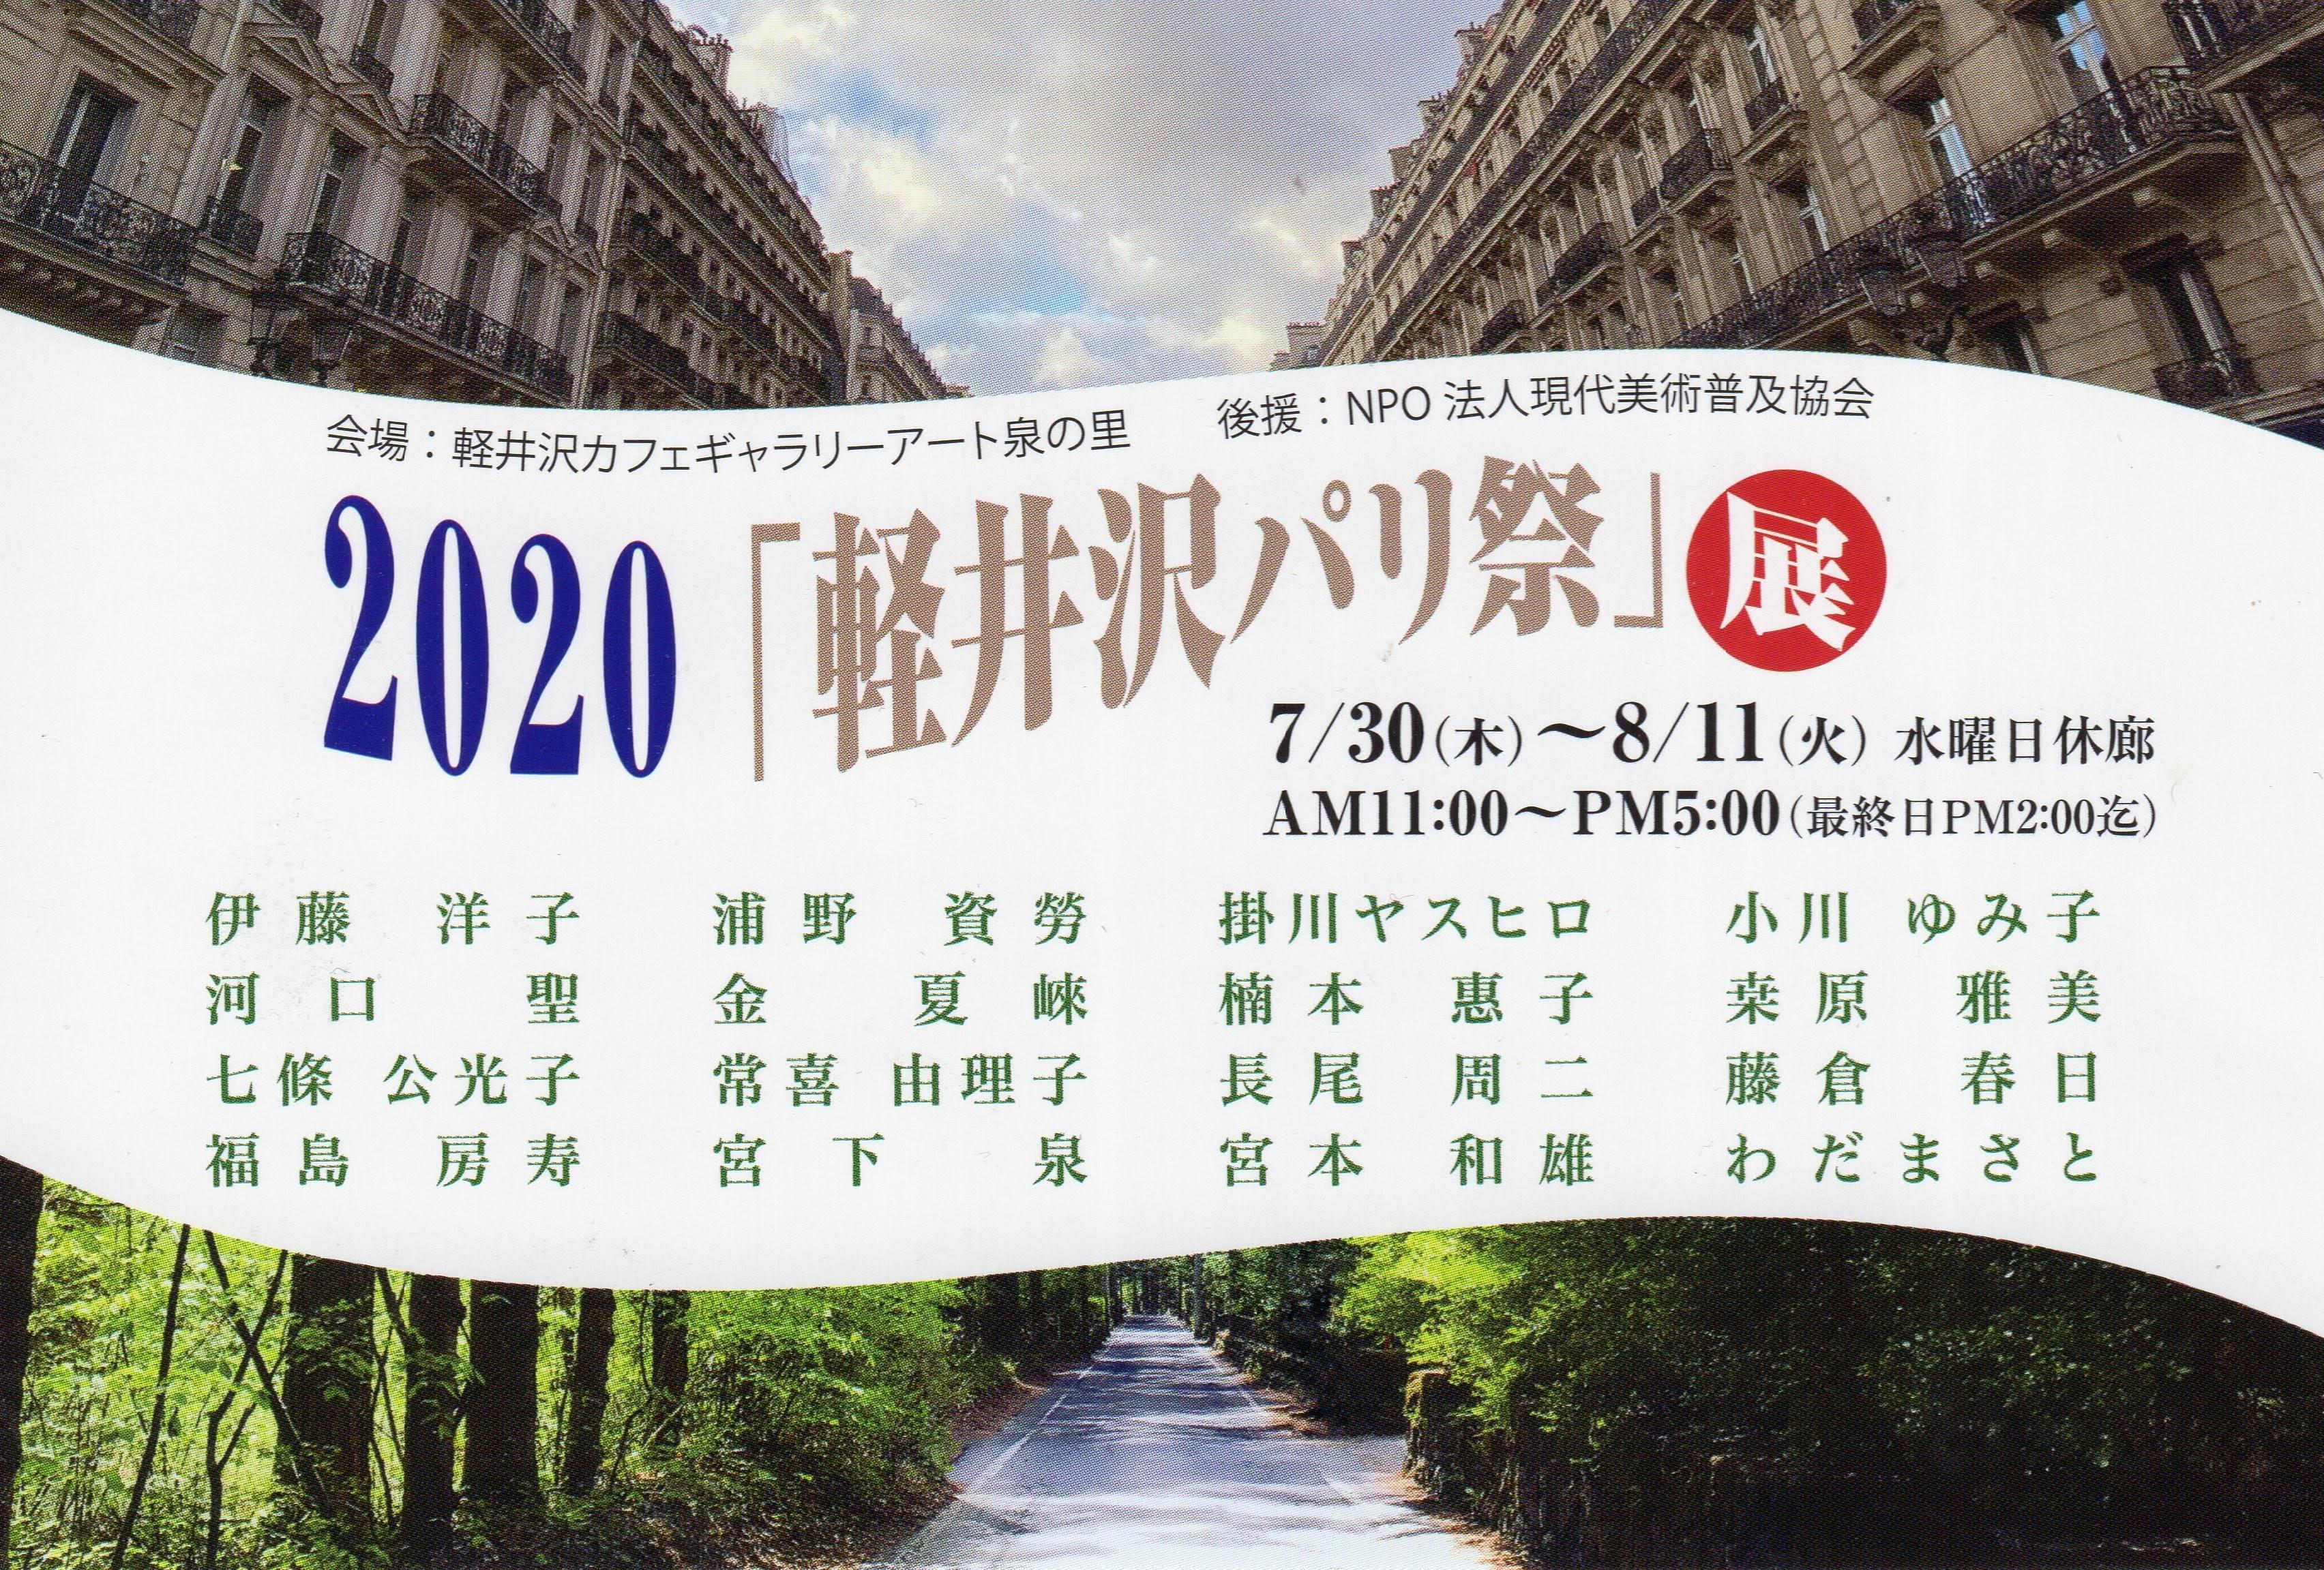 2020「軽井沢パリ祭」展 2020/07/30 Thu - 2020/08/11 Tue